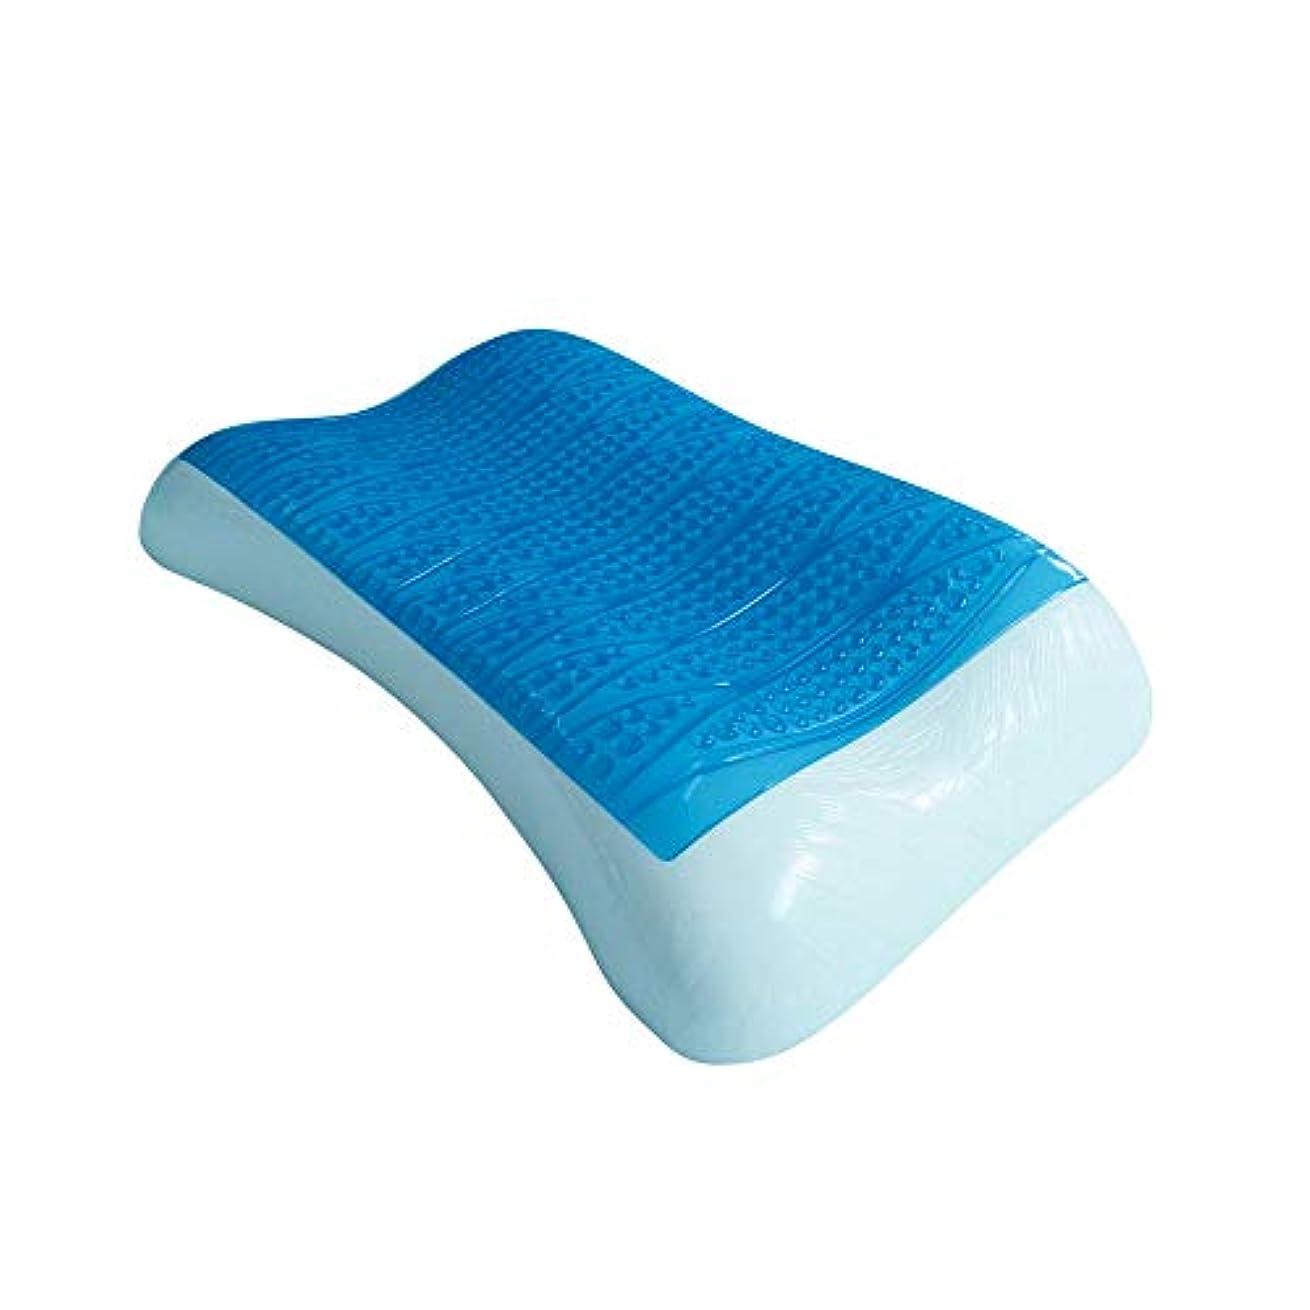 アシュリータファーマンレポートを書く不倫ゲル低反発枕、輪郭冷却ゲル枕整形外科低反発枕首と背中の痛み - 側面、背中と胃の睡眠に最適